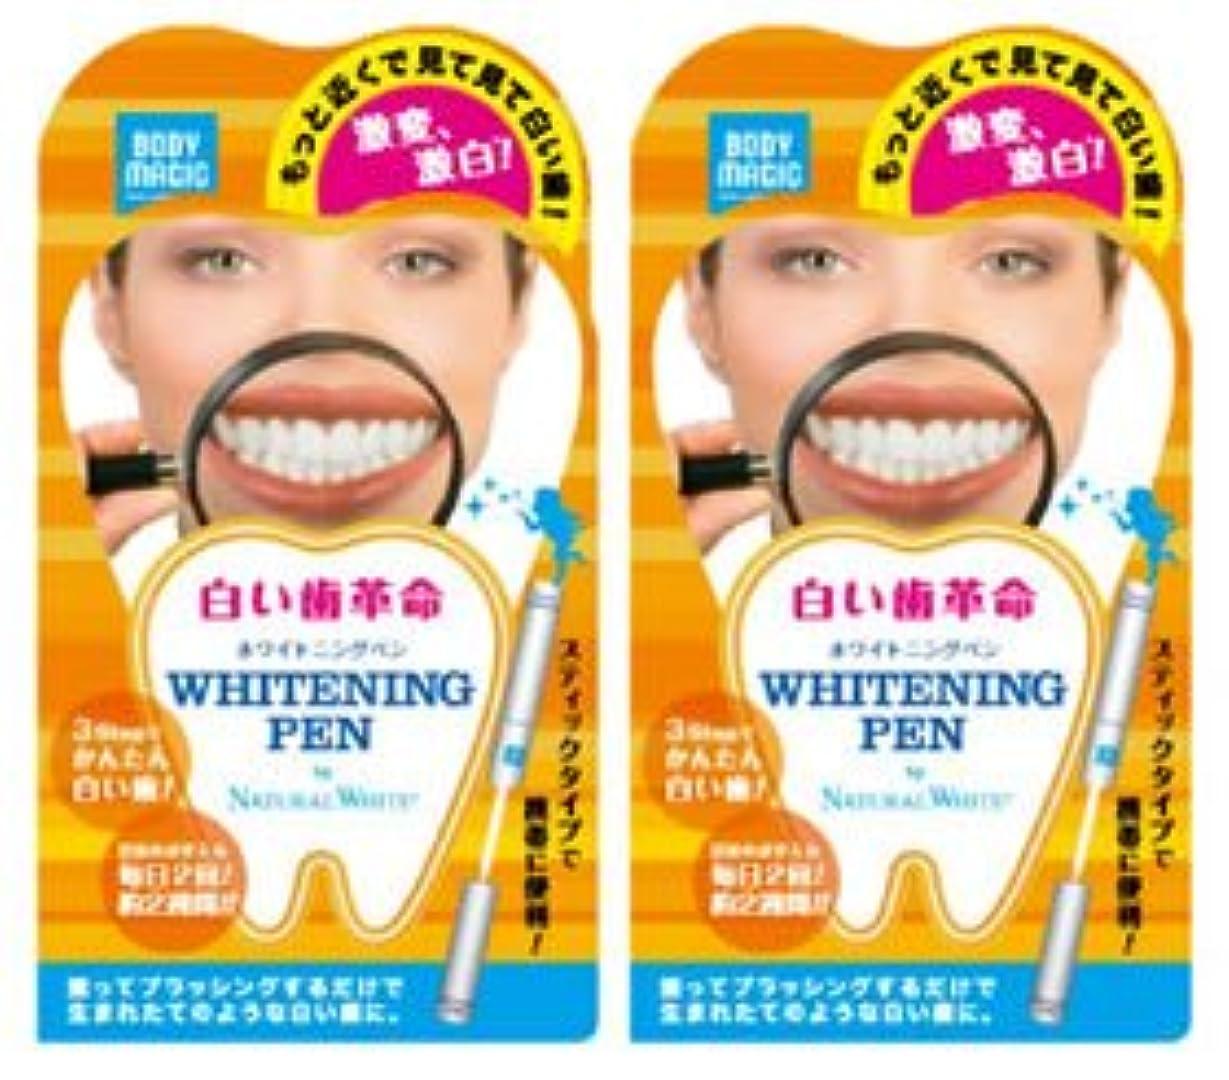 値思いつくリングレット《セット販売》 ナチュラルホワイト ボディマジック ホワイトニングペン 2個セット 【白い歯革命】 ラピッドホワイトBスティック 【ジェルハミガキ】